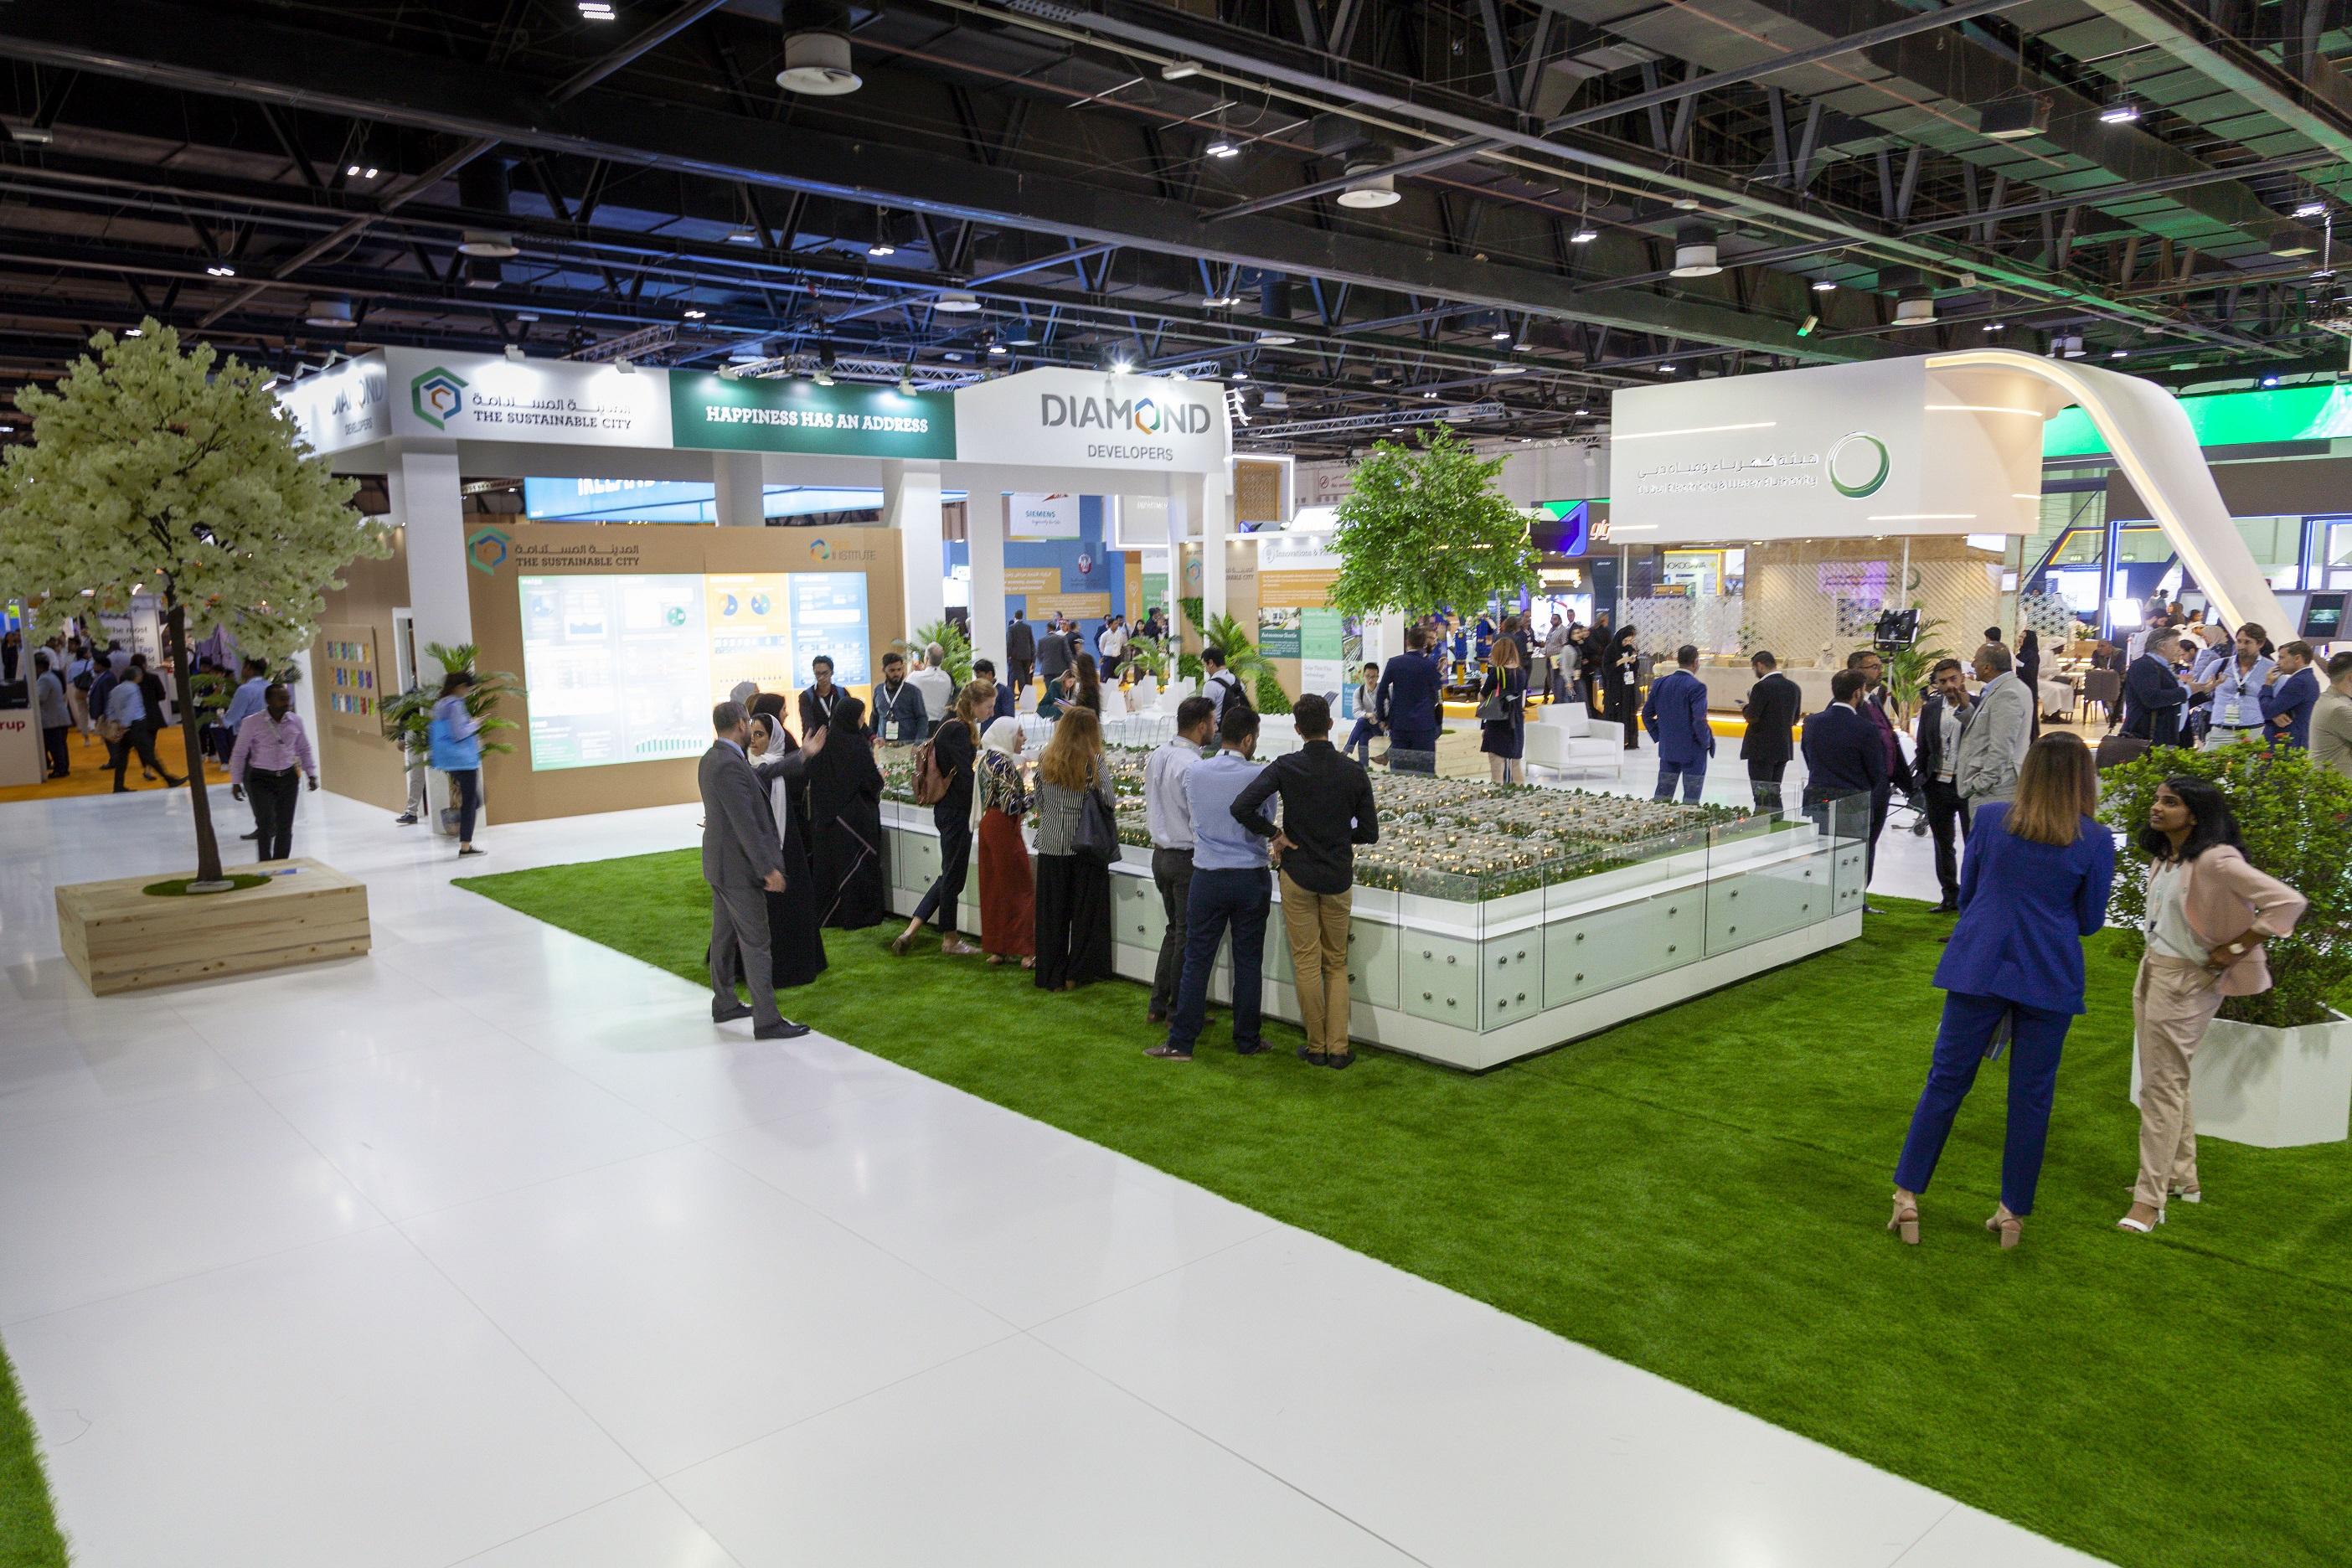 المدينة المستدامة في دبي تصدر تقريرها السنوي الثاني حول بصمتها الكربونية